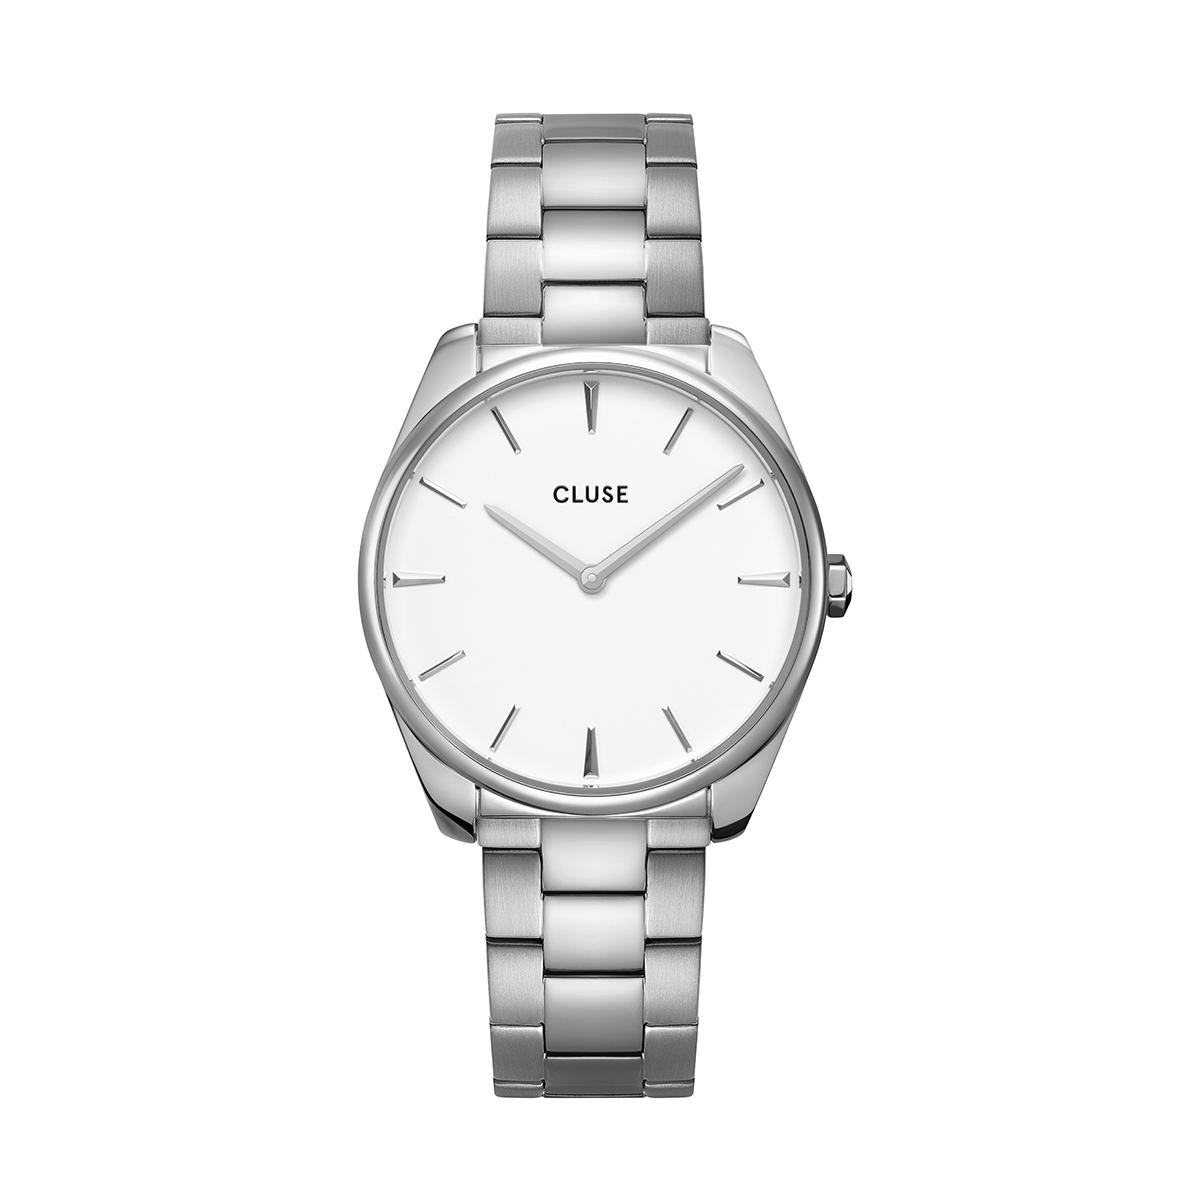 滝沢カレン 着用 36mm - CW0101212003 フェローチェ 3リンク シルバー ホワイト シルバー CLUSE クルース 腕時計